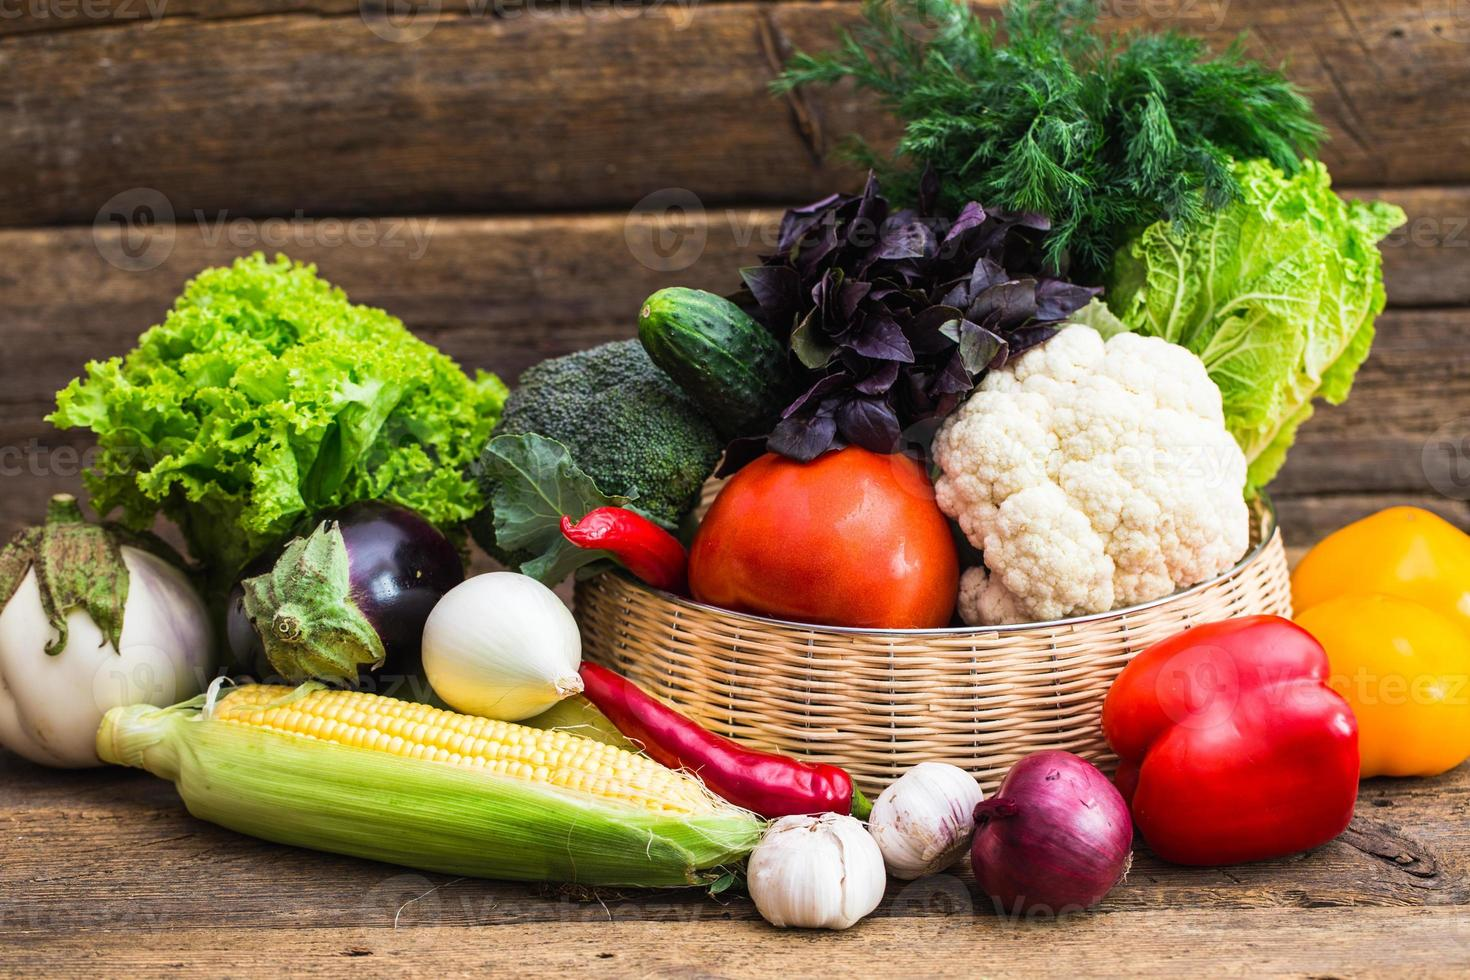 composizione con verdure organiche crude assortite foto